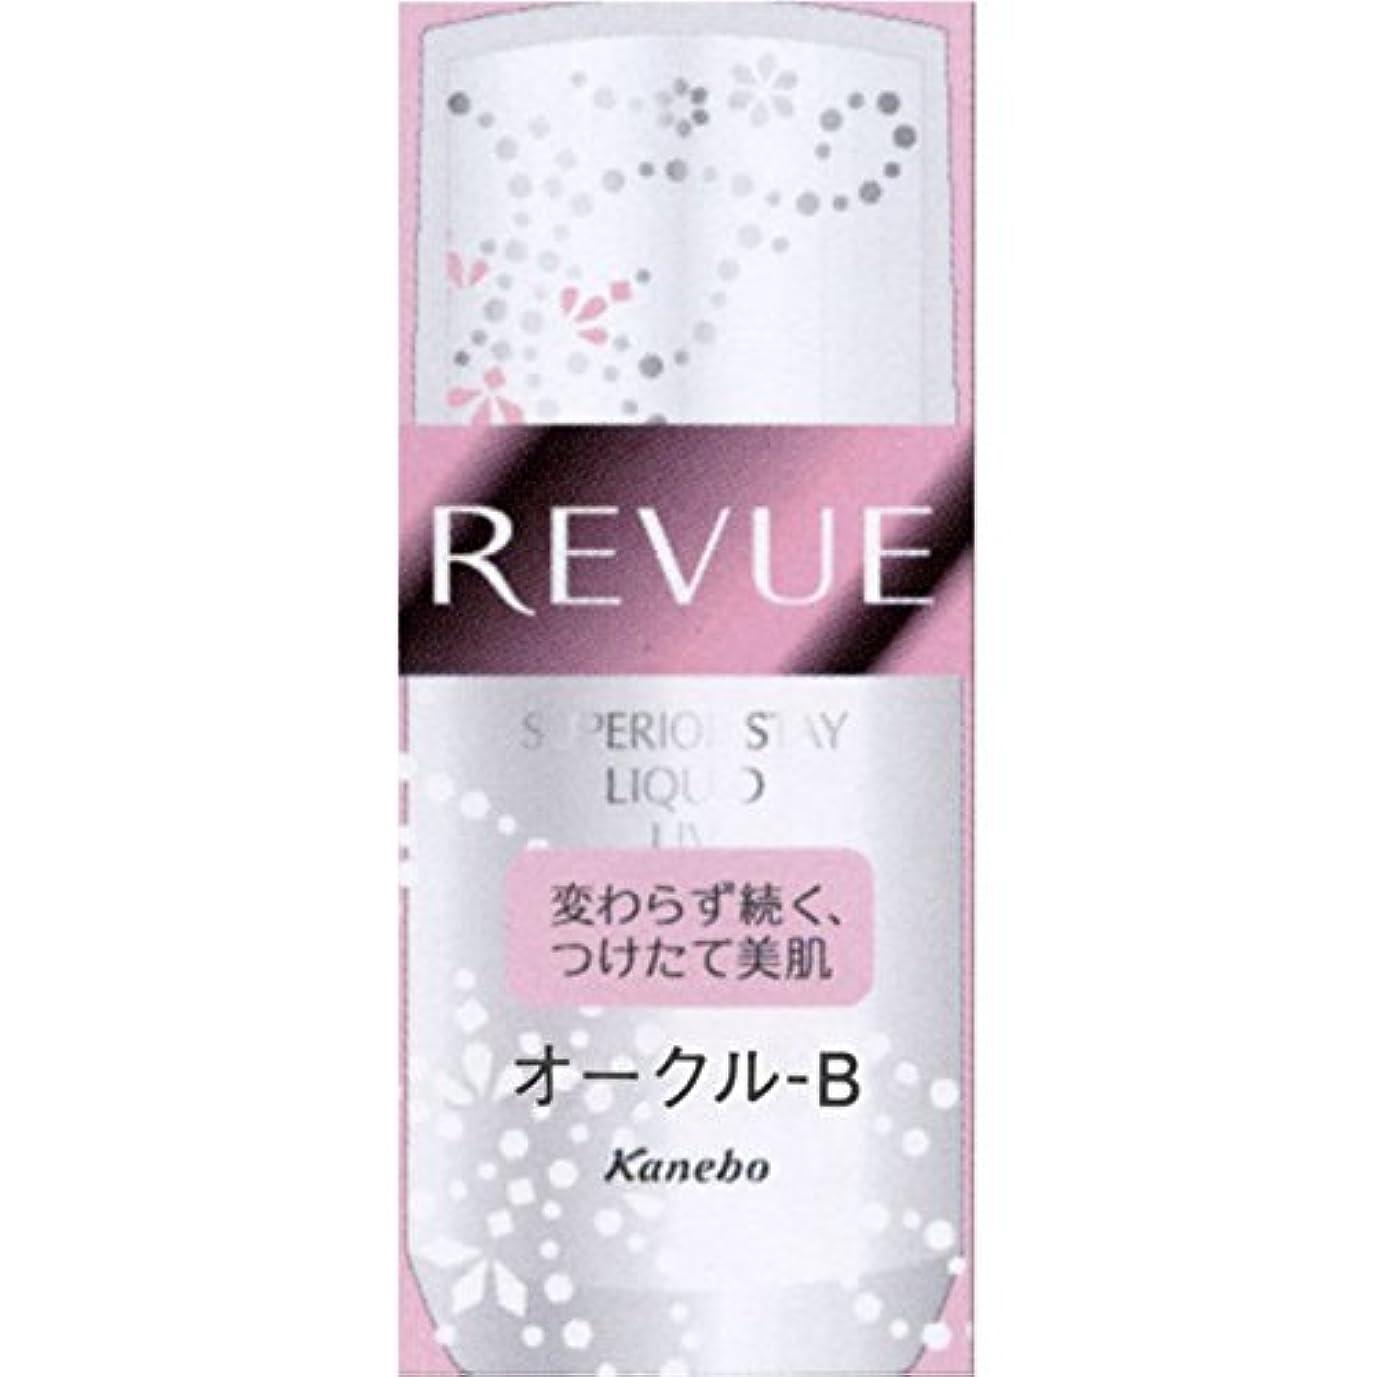 ピンク謎寛大なカネボウレヴュー(REVUE)スーペリアステイリクイドUVn  カラー:オークルB